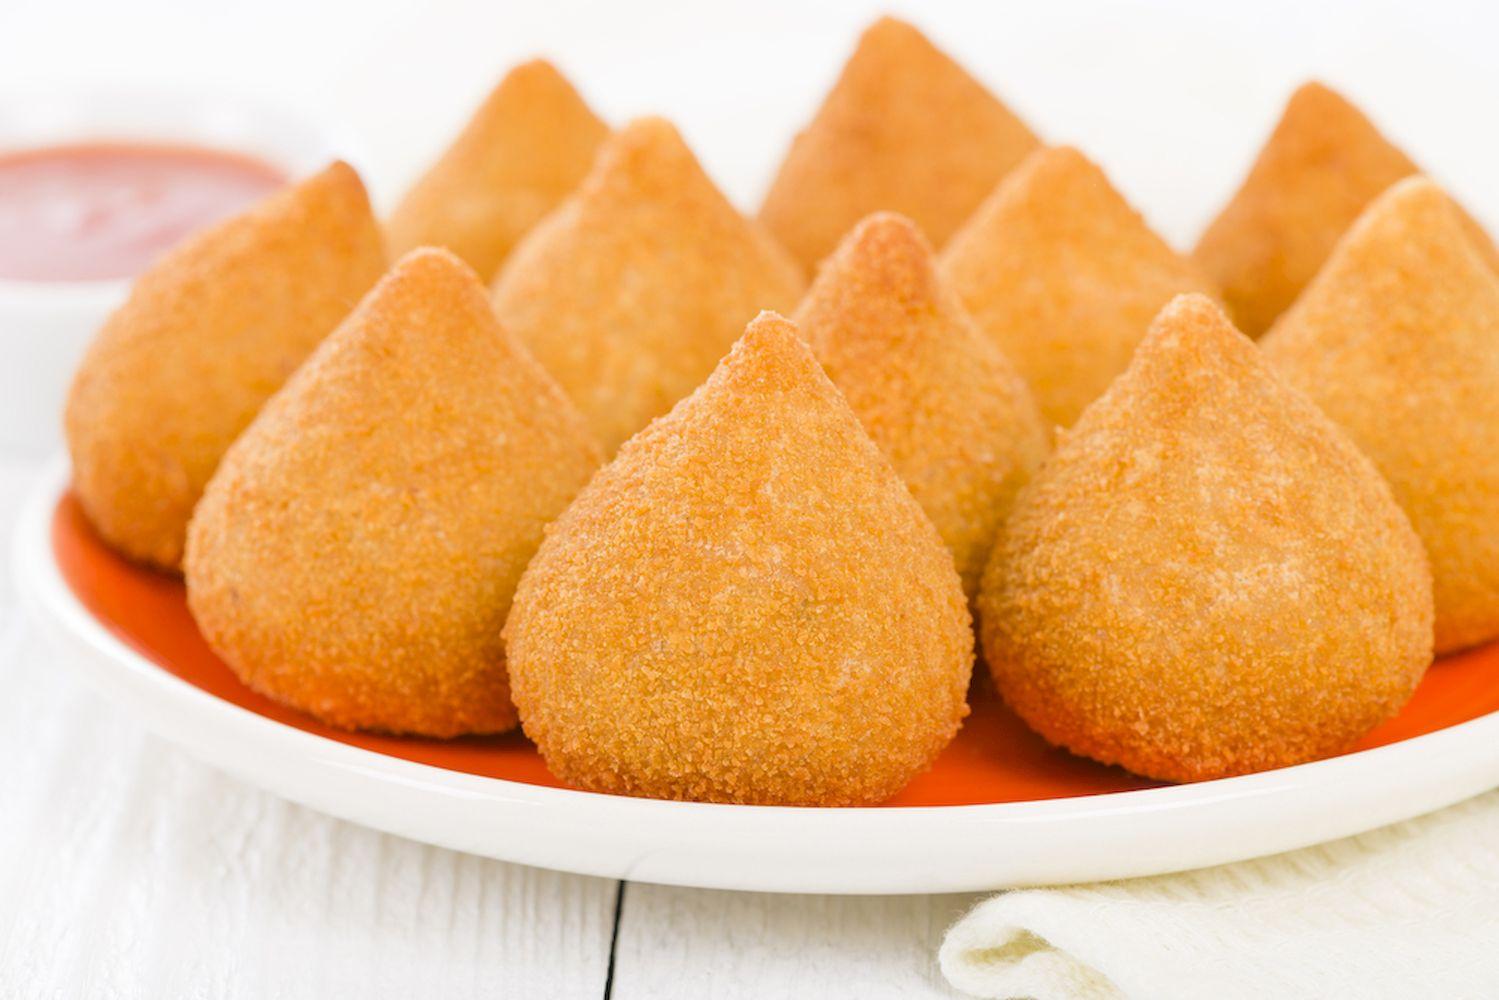 Les arancini, spécialité sicilienne